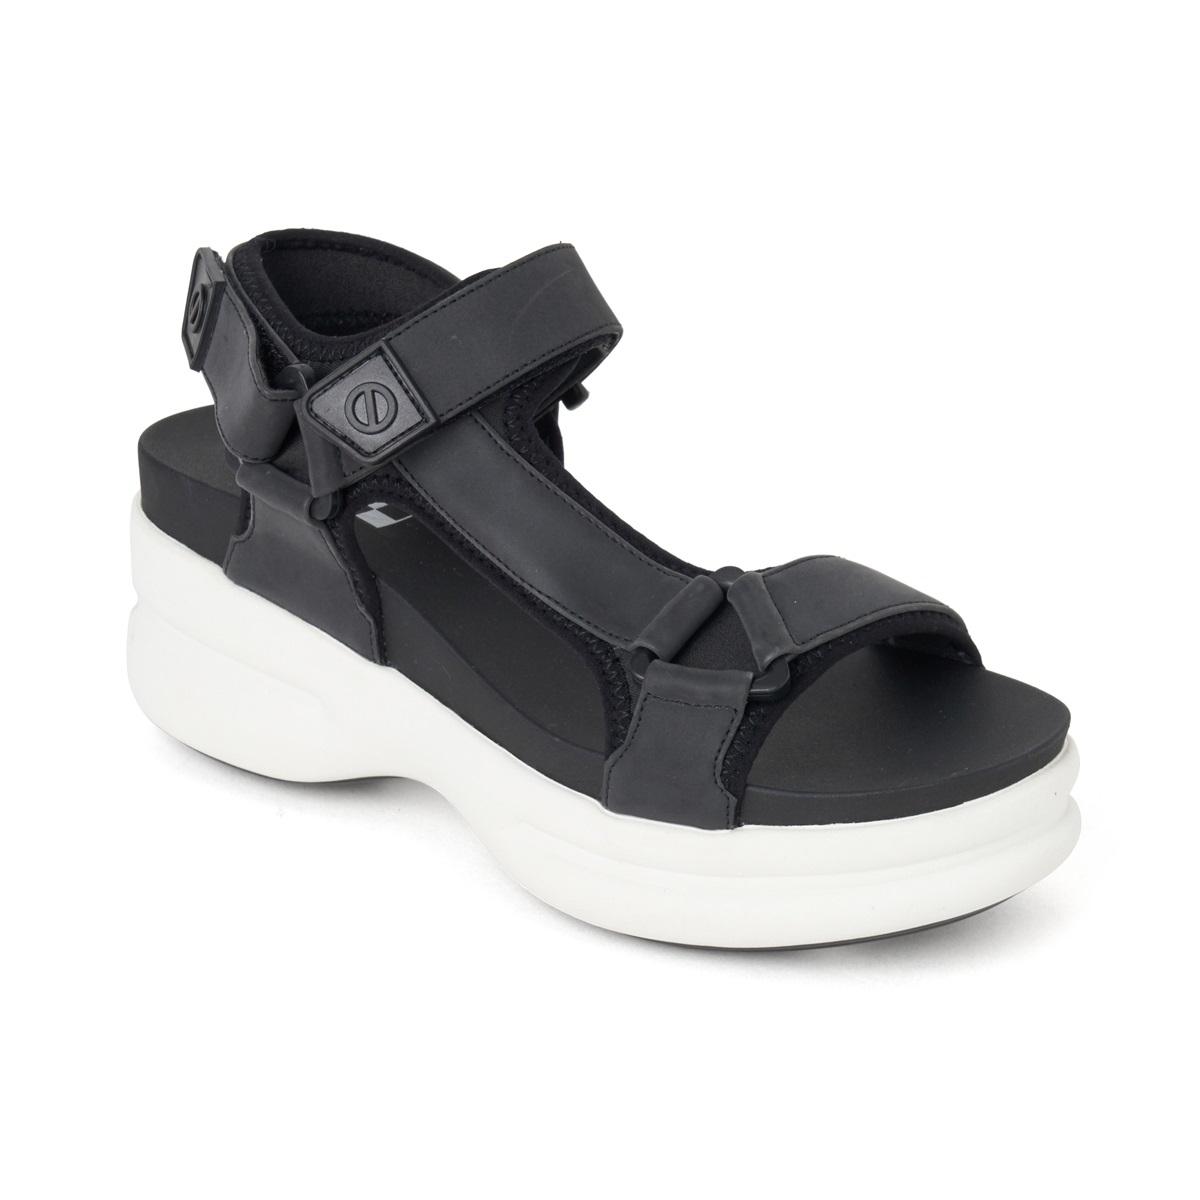 [新入荷]CONCRETE-11235-BLACK コンクリート ブラック